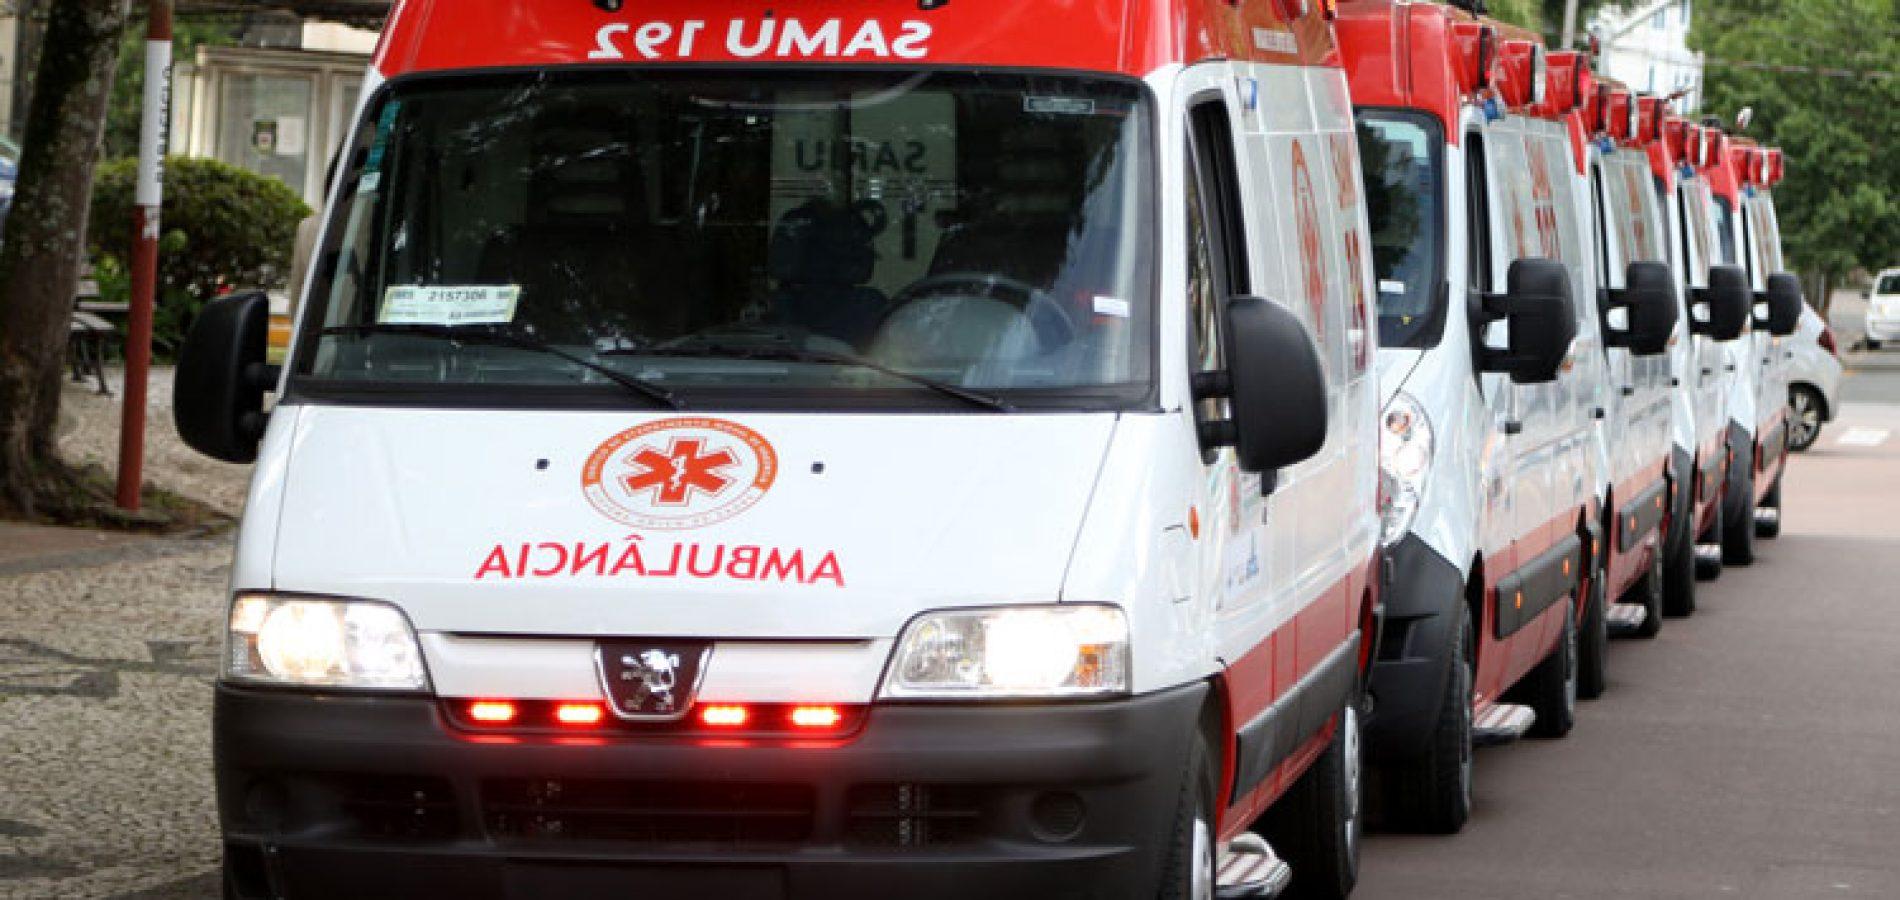 Ministério da Saúde anuncia 11 novas ambulâncias para expansão do Samu no Piauí